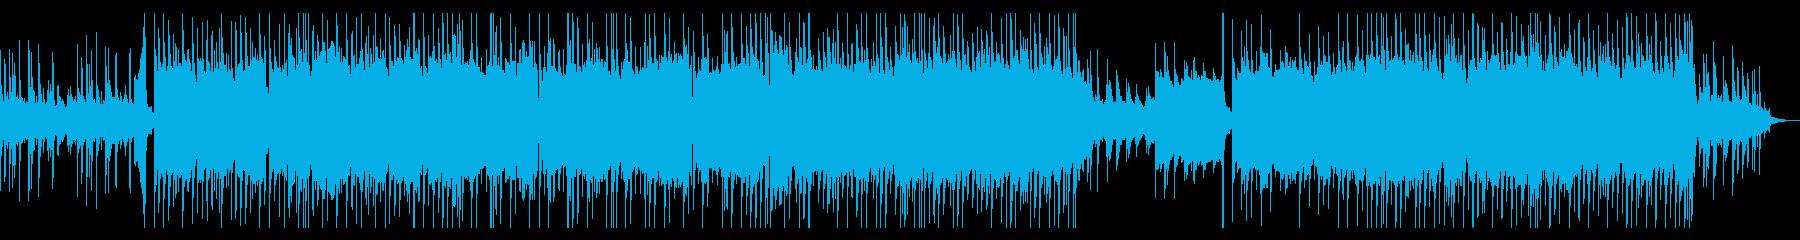 ちょっと気だるく優しい壮大なイメージ曲の再生済みの波形